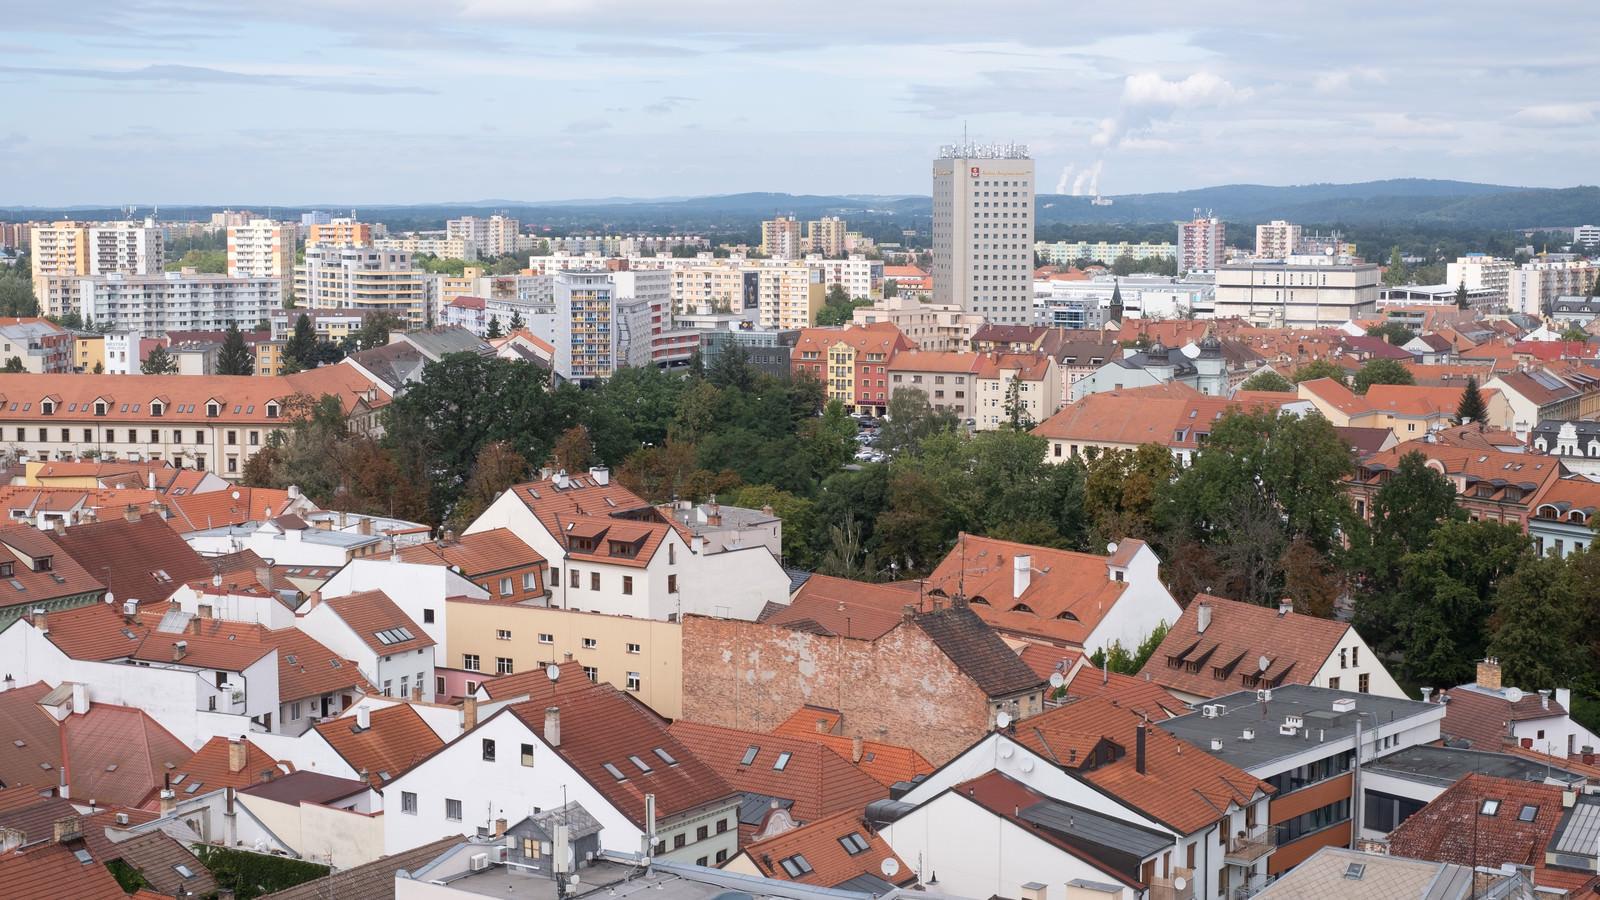 「赤茶色の屋根から始まる街並み(チェコ共和国・ブドヴァル)」の写真